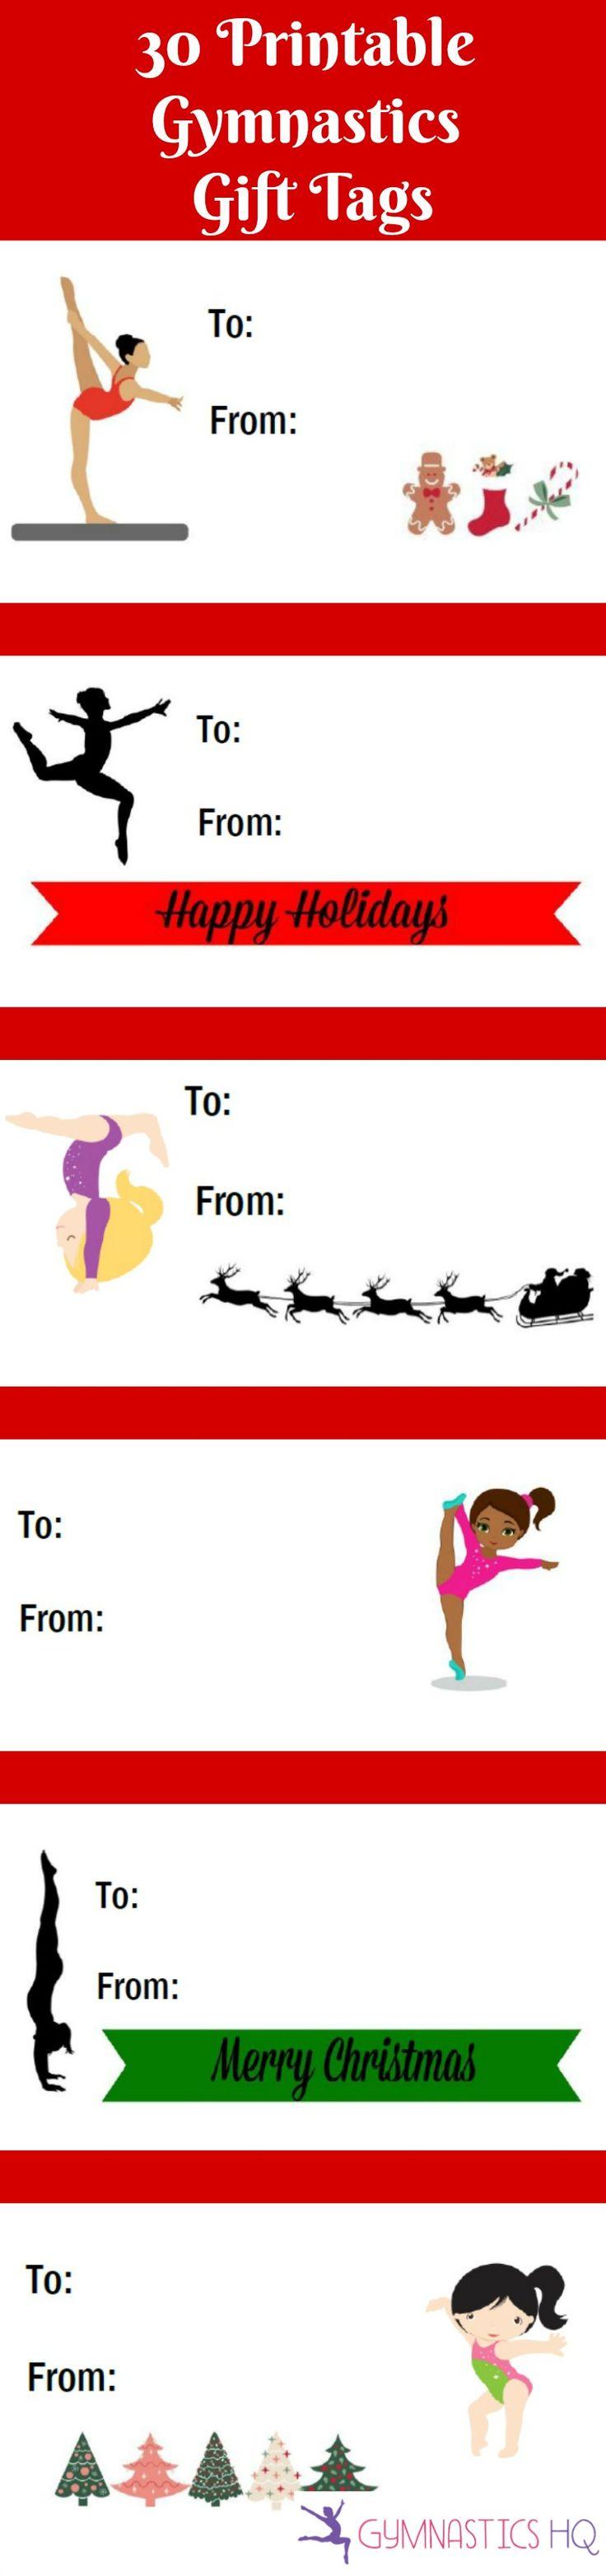 Gymnastics ornament christmas - 30 Free Printable Gymnastics Gift Tags